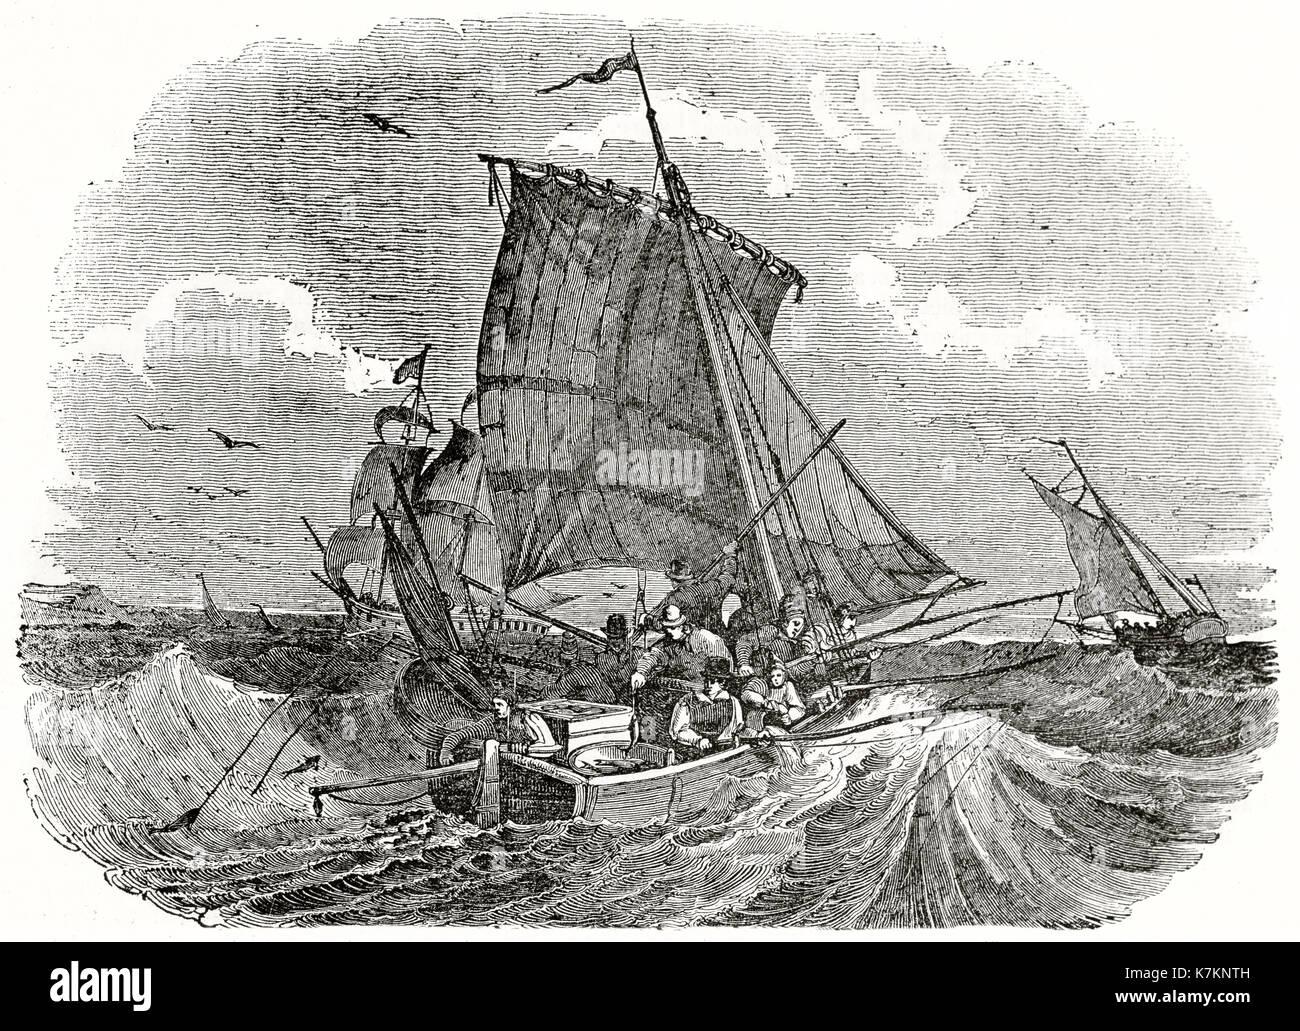 Vecchia illustrazione dei pescatori francesi angling per meckerel. Da autore non identificato, publ. su Penny Magazine, London, 1837 Immagini Stock